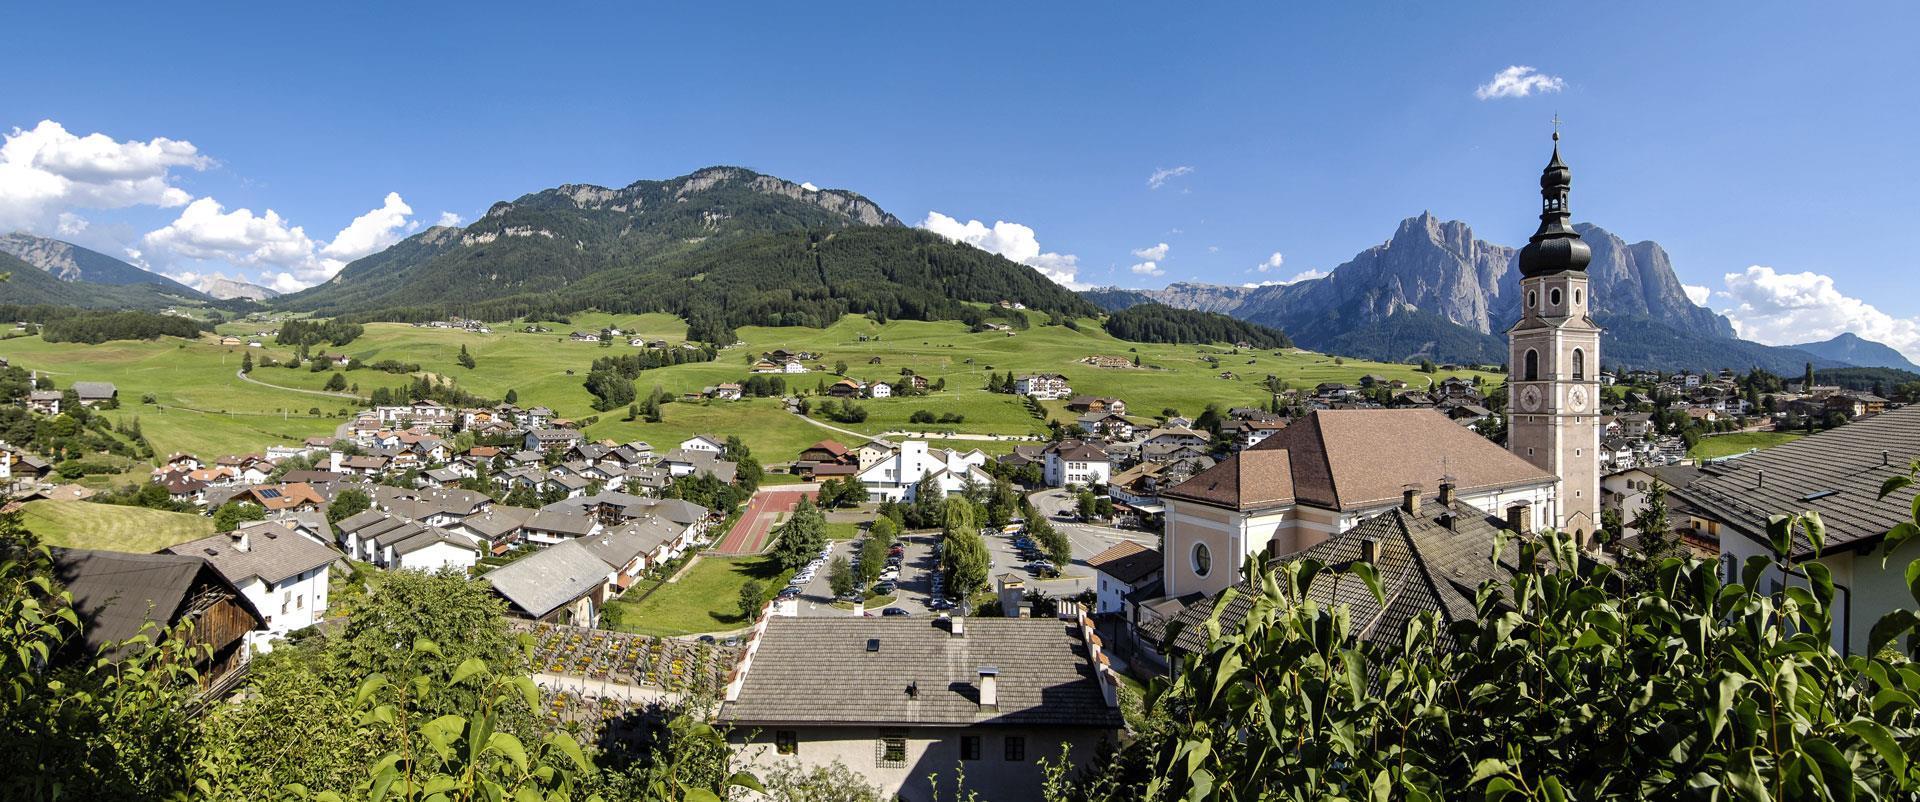 Vacanza all\'Alpe di Siusi - Vacanze Trentino Alto Adige